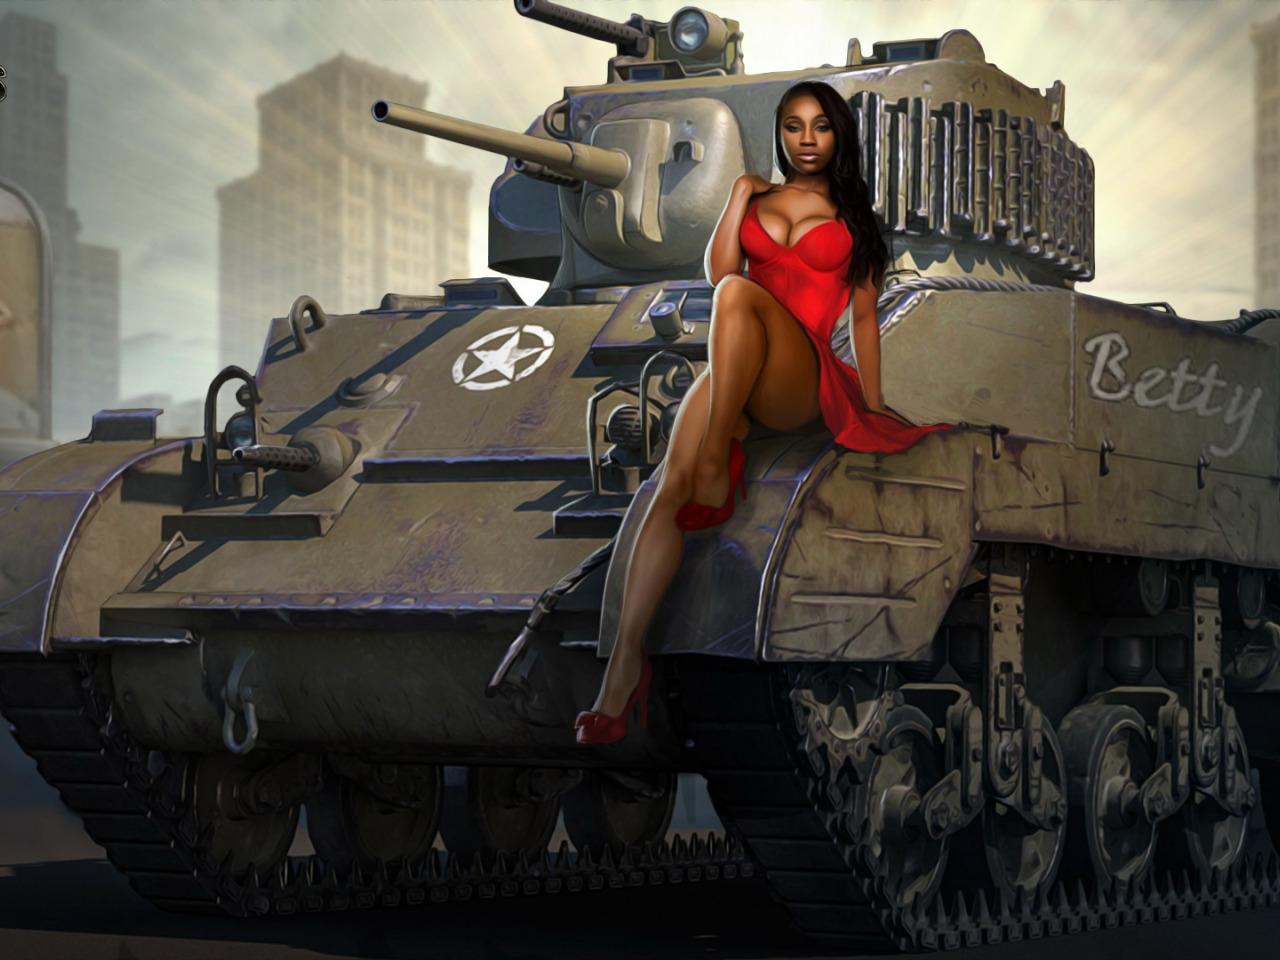 Альфа-Банк, банкомат смотреть фото девушек из игры ворлд оф танк присуждаются момента обращения